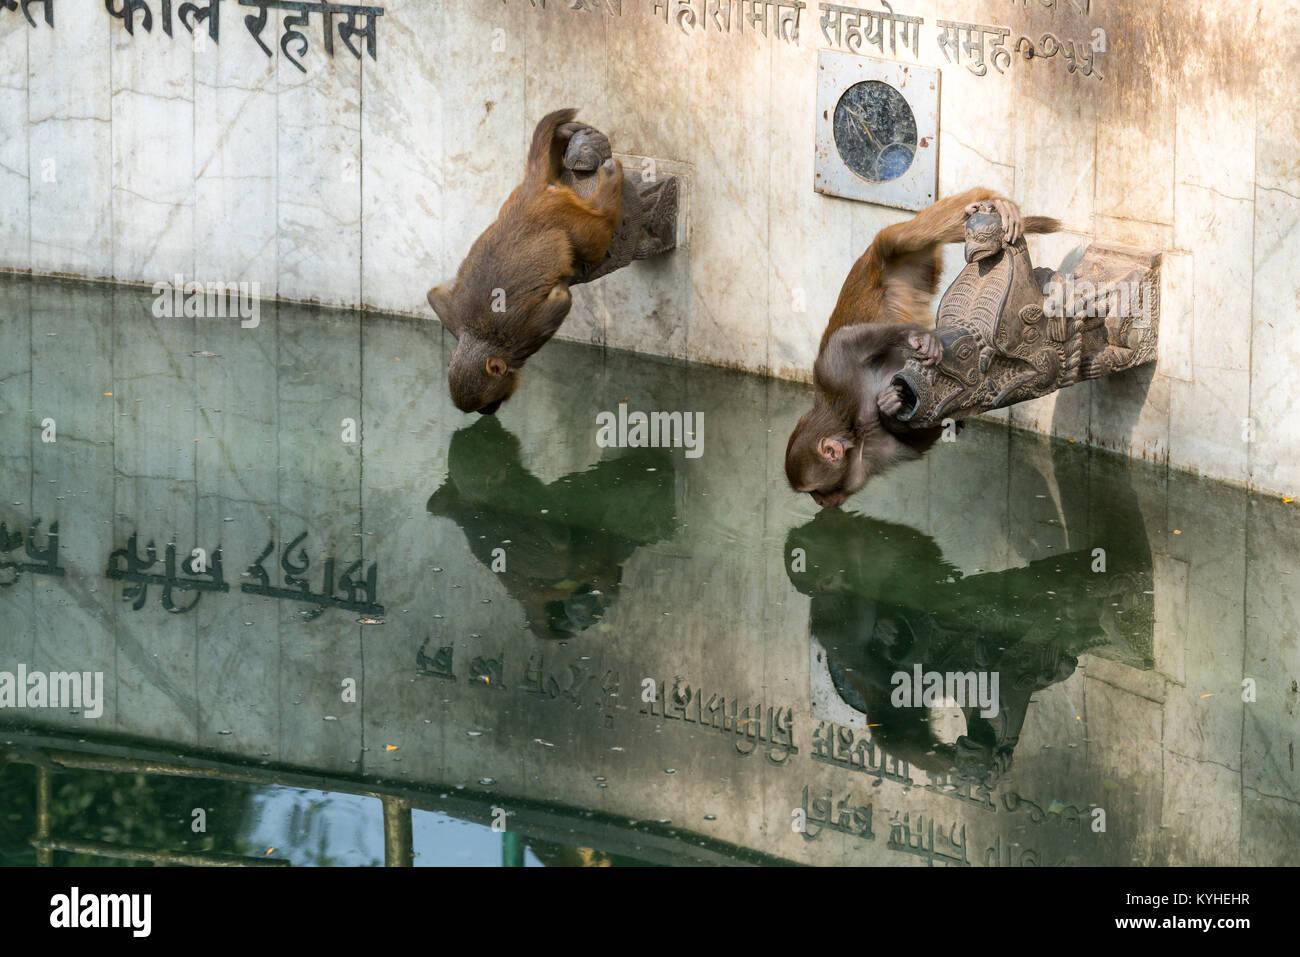 Monkeys drinking from a wishing well in Kathmandu, Nepal - Stock Image